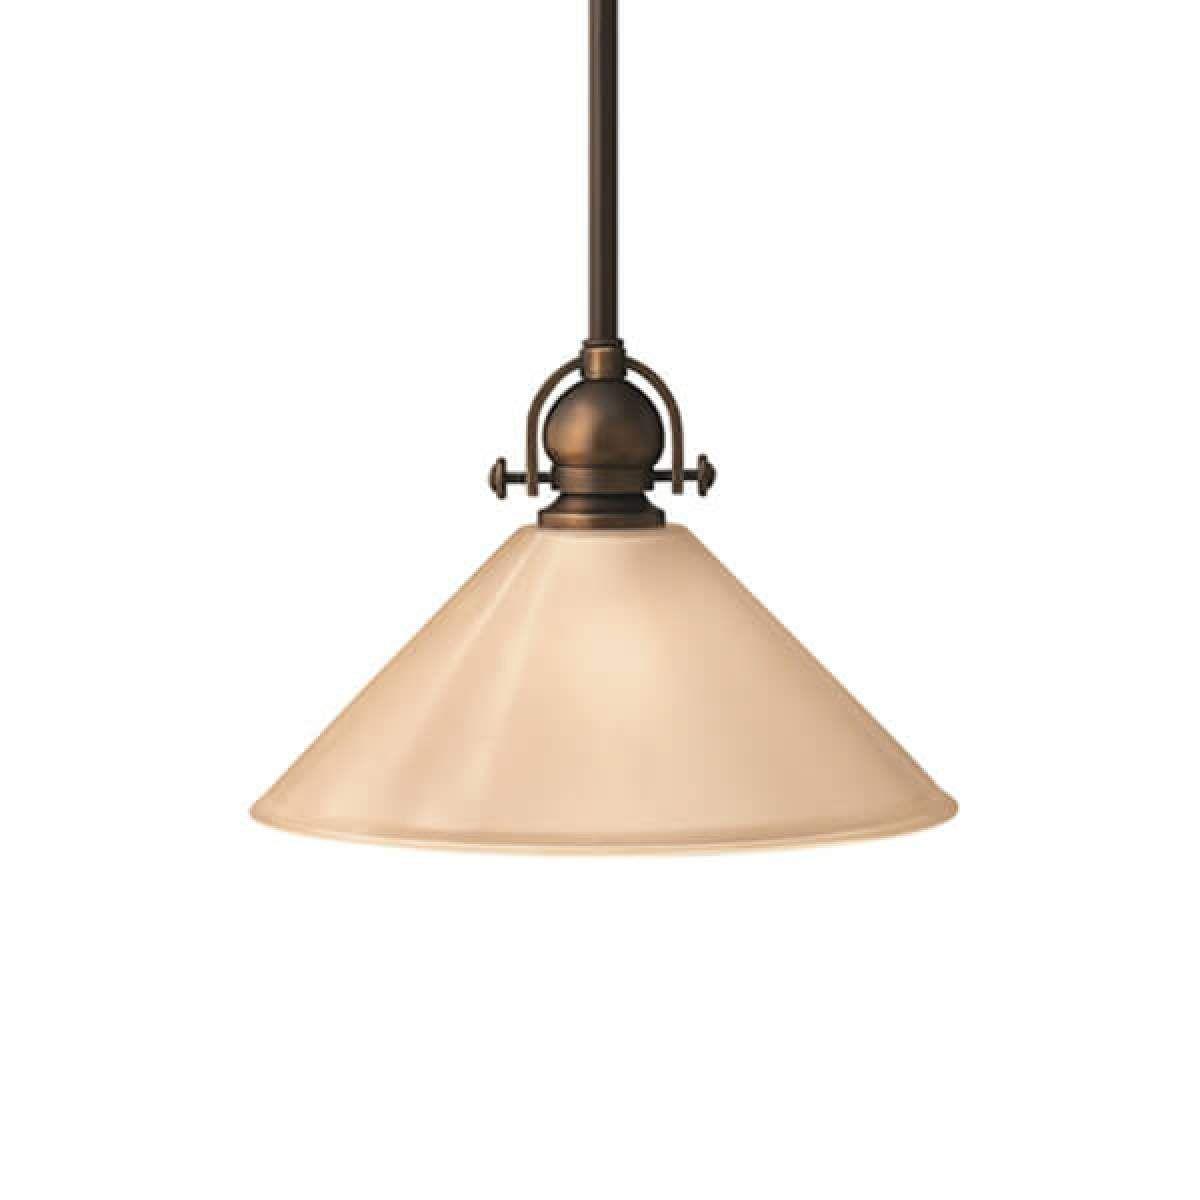 Hangelampe Mayflower 35 6 Cm Von Hinkley Deckenleuchten Lampe Led Deckenstrahler